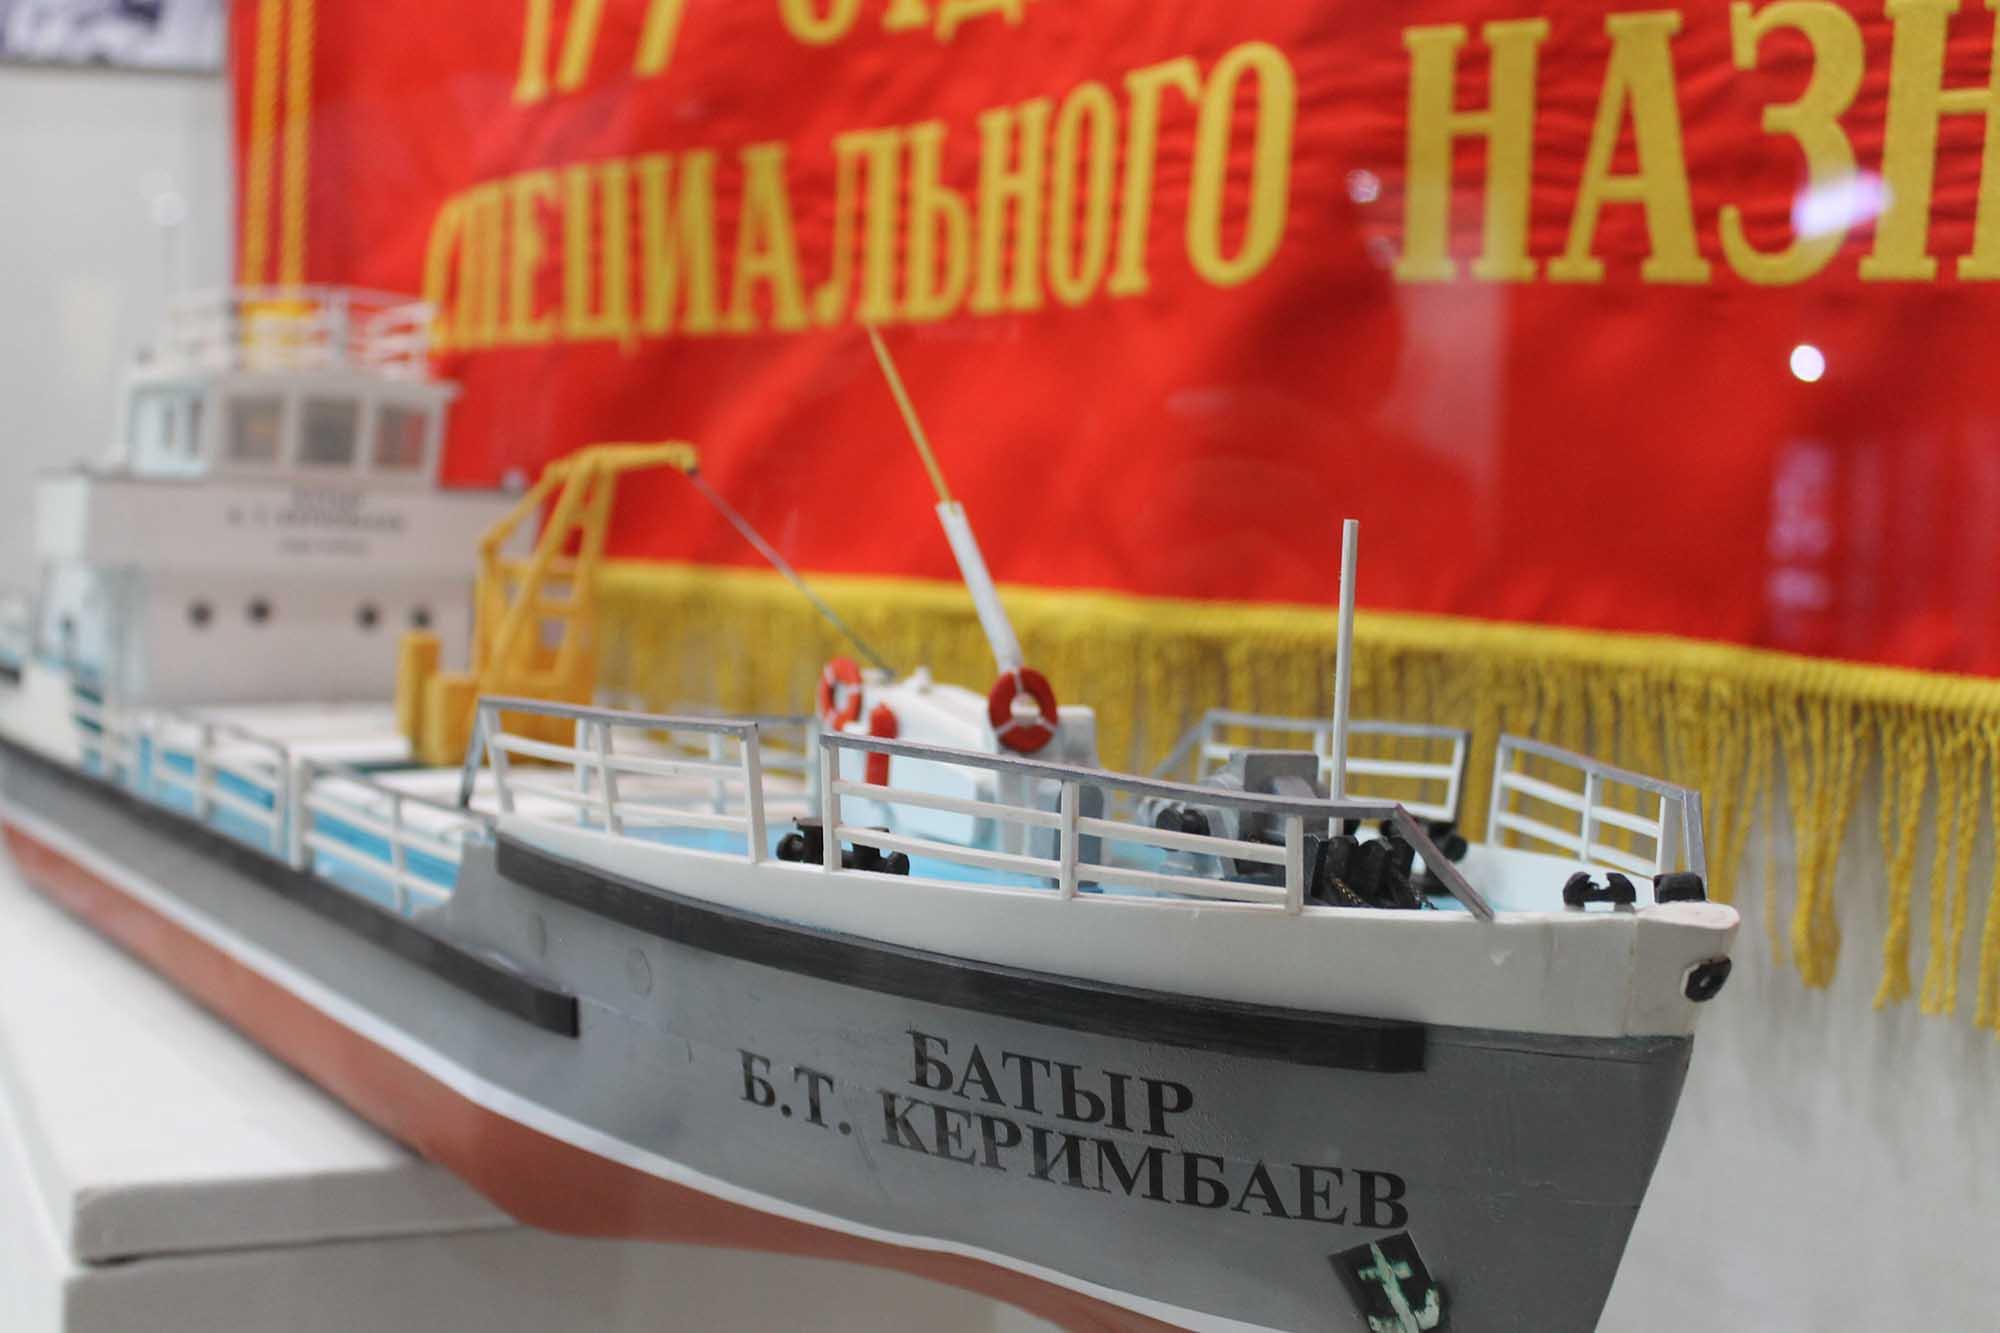 Батыр Б.Т. Керимбаев